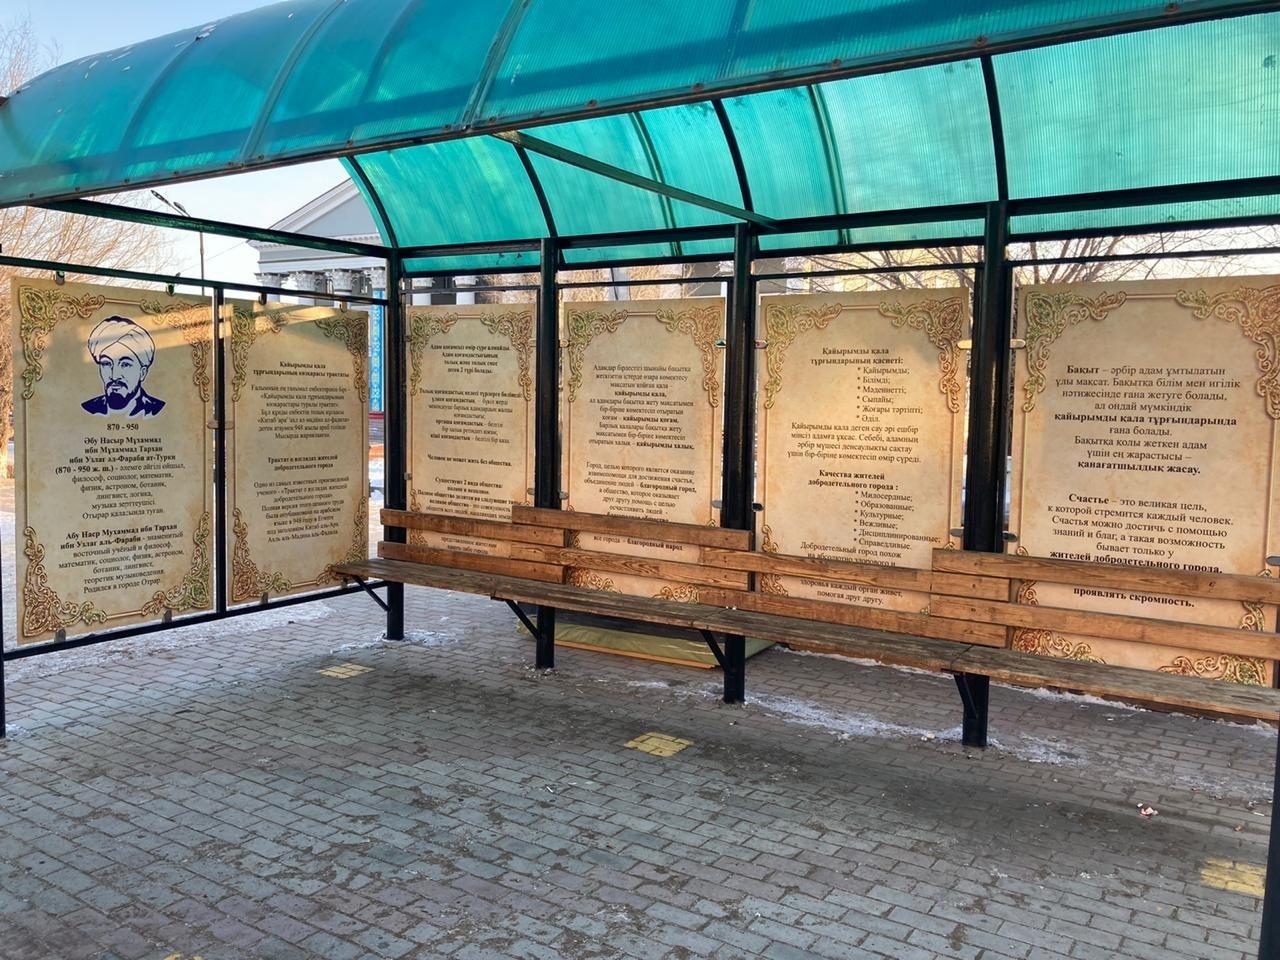 Отрывки из трудов учёного и философа Аль-Фараби, фото пресс-службы акимата Карагандинской области